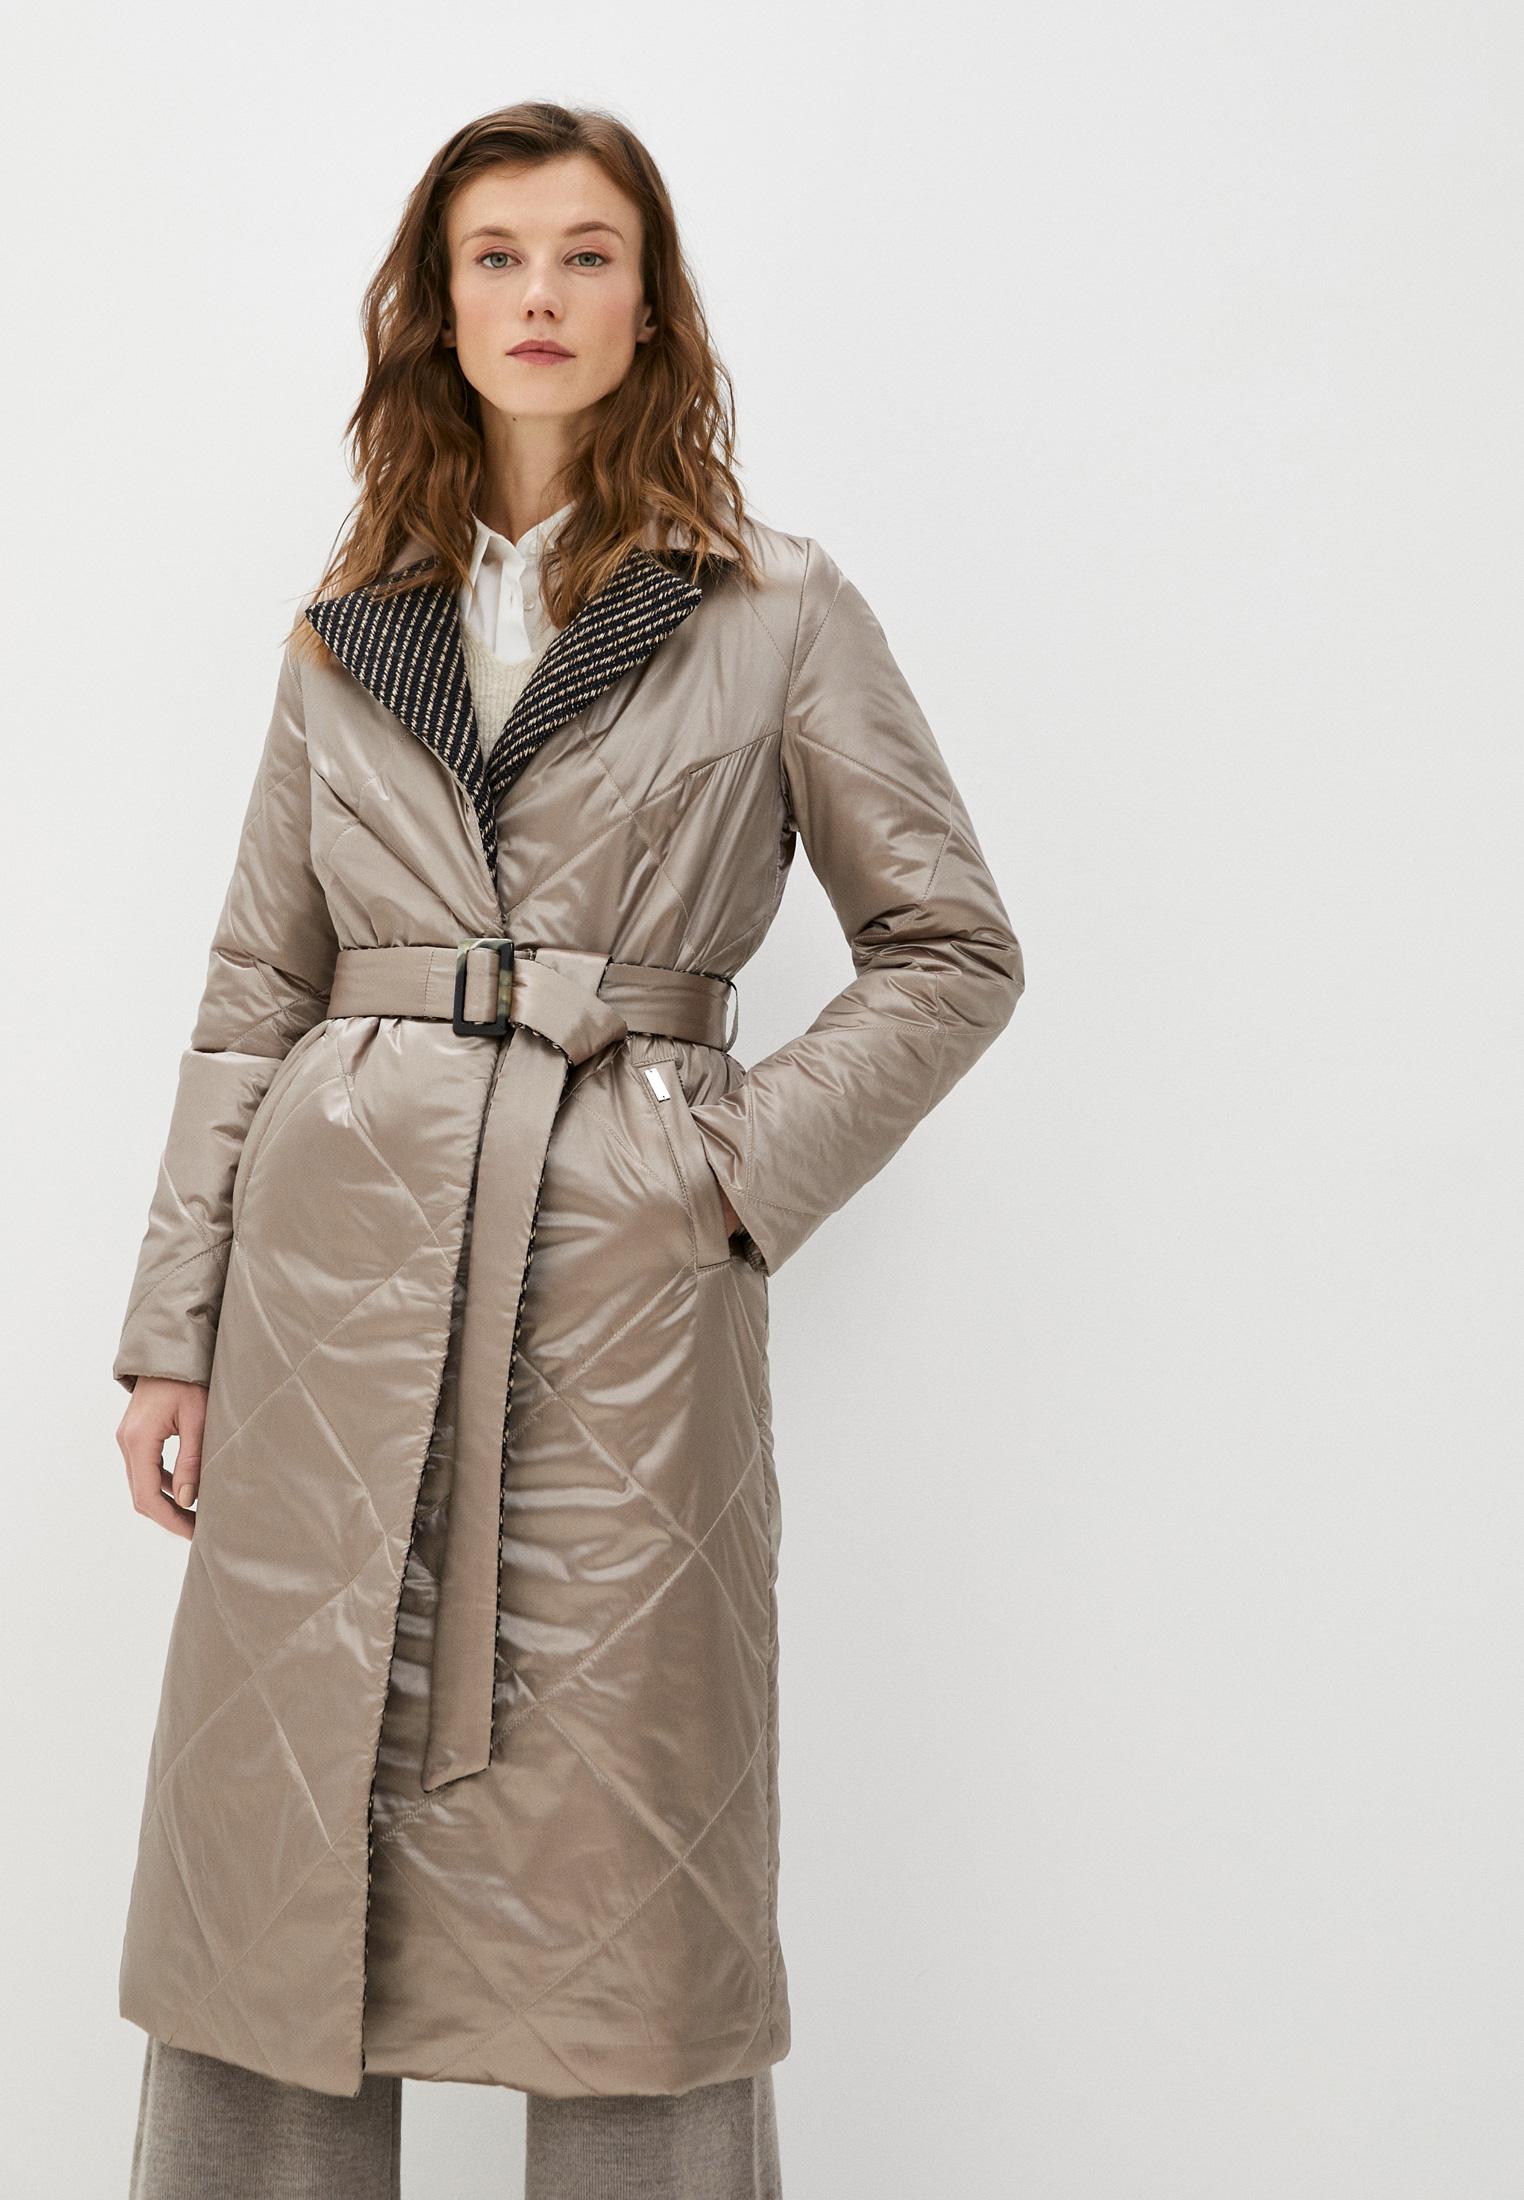 Утепленная куртка Nataliy Beate Пальто мод.157/17 д